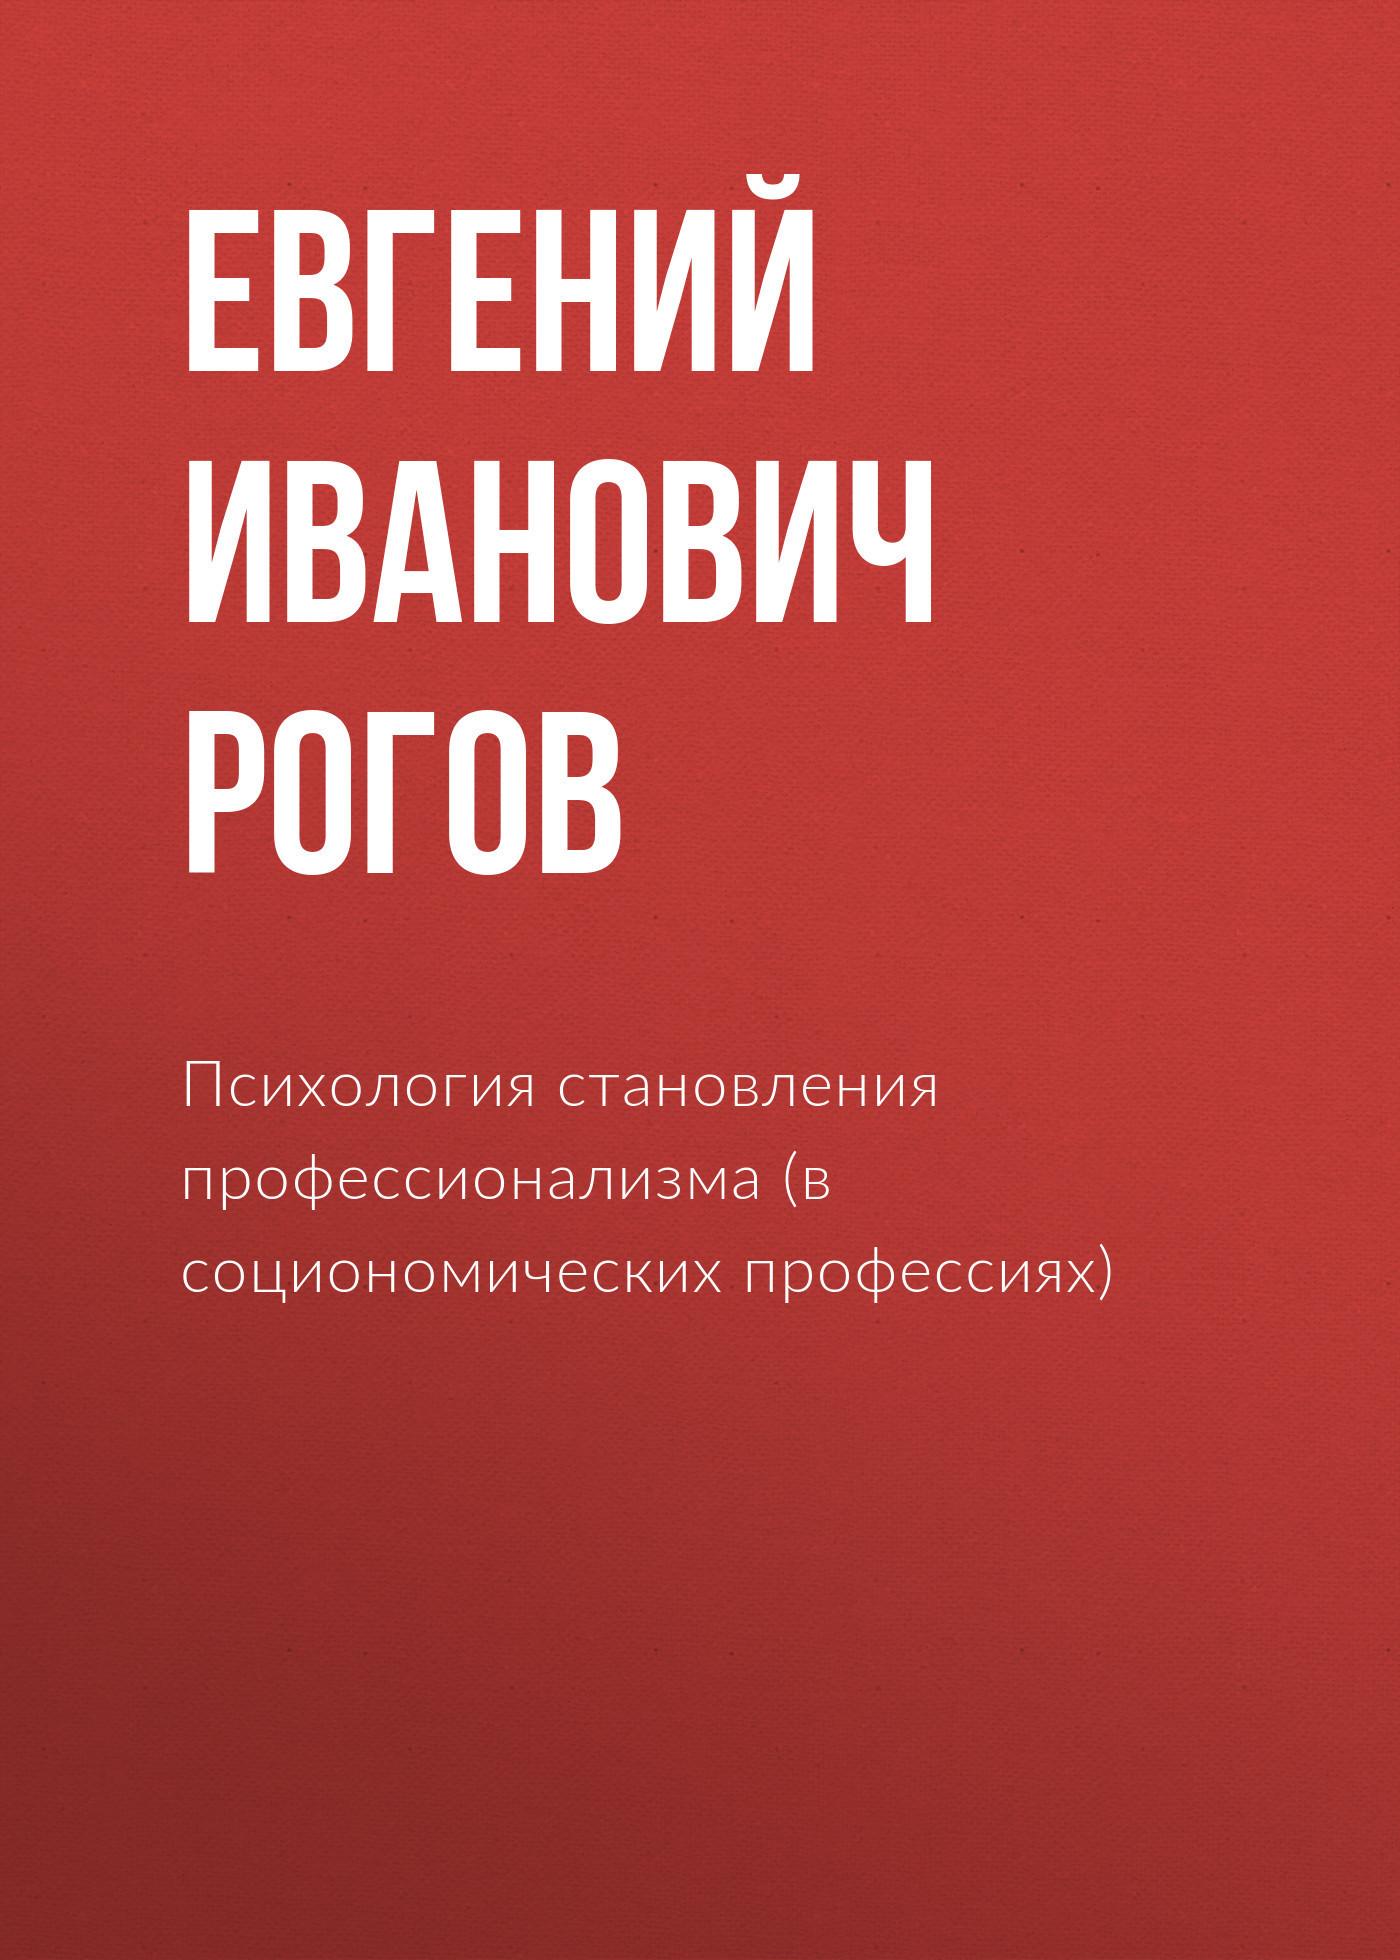 Обложка книги. Автор - Евгений Рогов